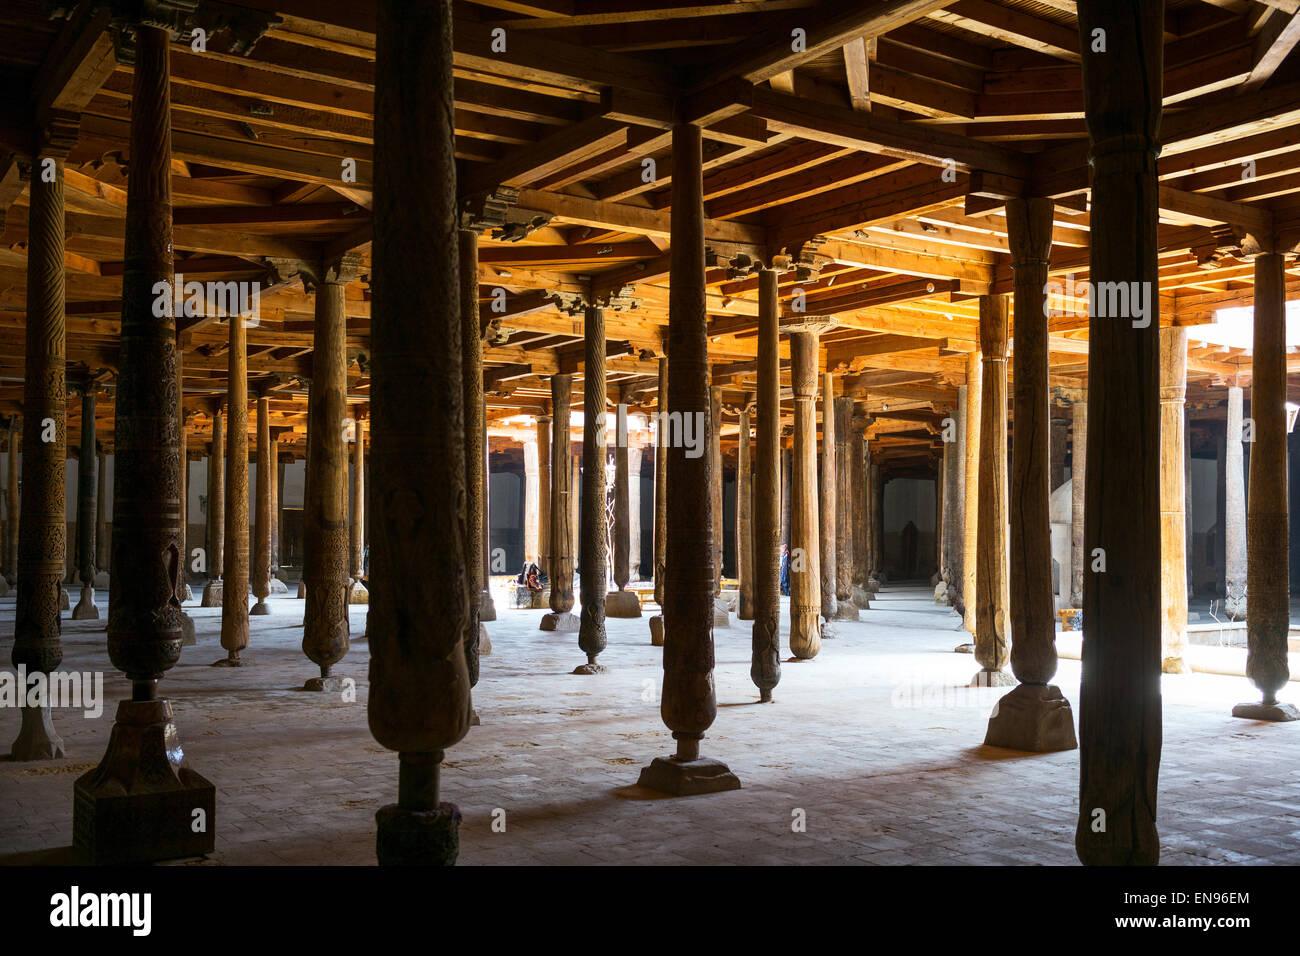 Uzbekistan, Khiva, the wood columns of the old Juma mosque inside - Stock Image